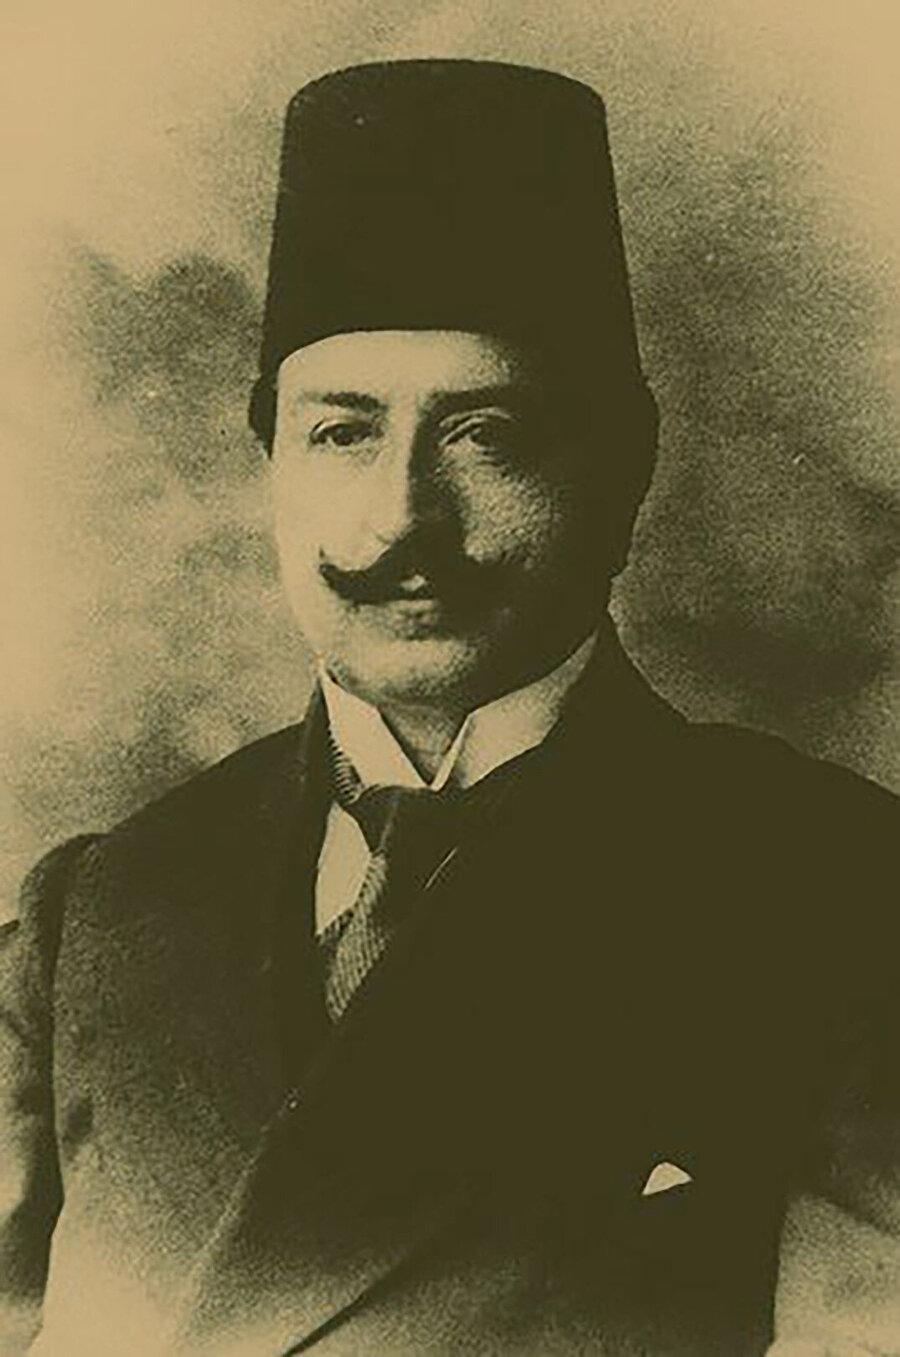 20₺'nin arka yüzünde Mimar Kemaleddin'in portresi ve Gazi Üniversitesi Rektörlük Binası yer alıyor.